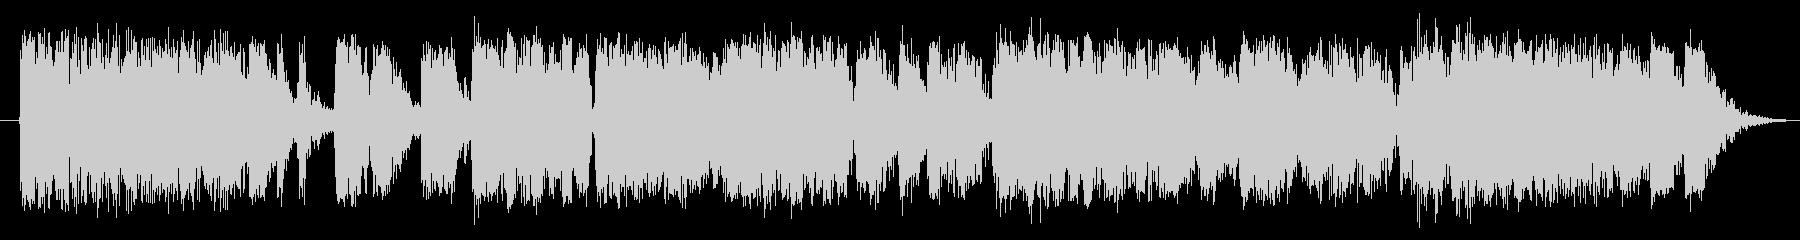 ガチョウ ガチョウの鳴き声03の未再生の波形